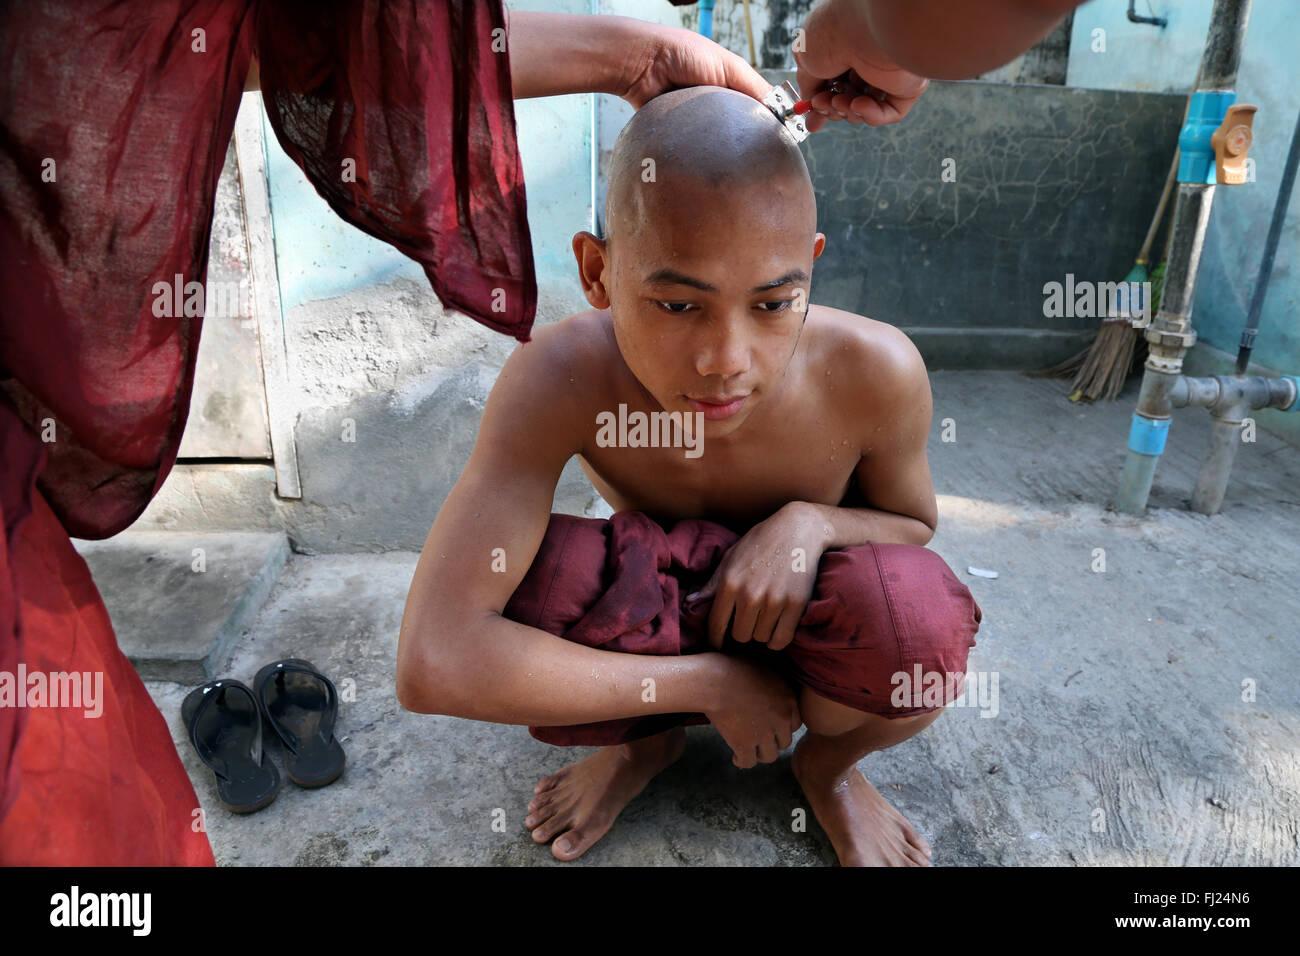 Buddhistischer Mönch geschoren werden im Kloster in Amarapura, tonsur Ritual, Myanmar Stockfoto